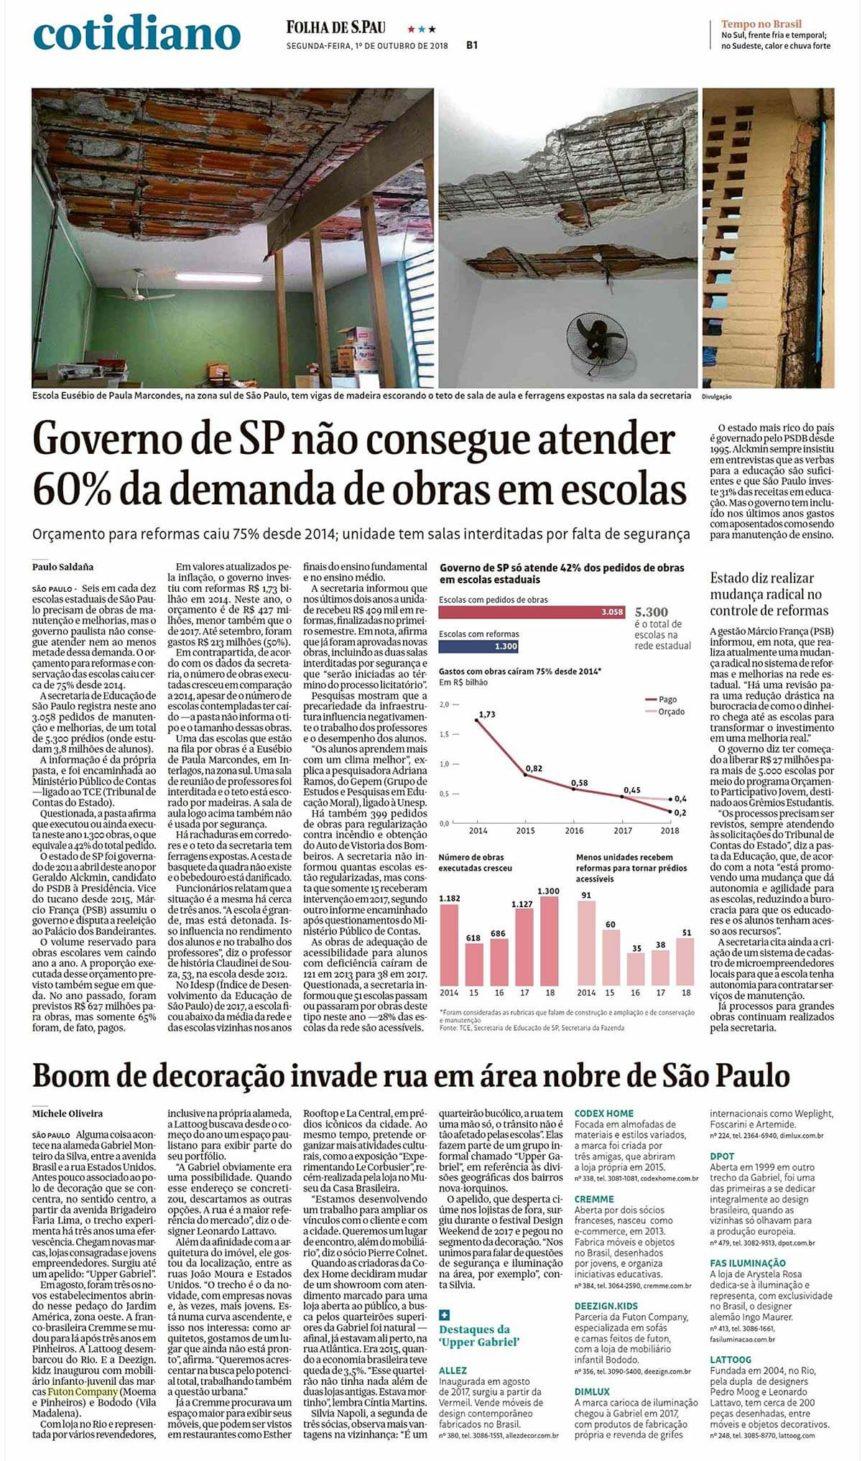 Clipping JornalFolha 2909 Deezign